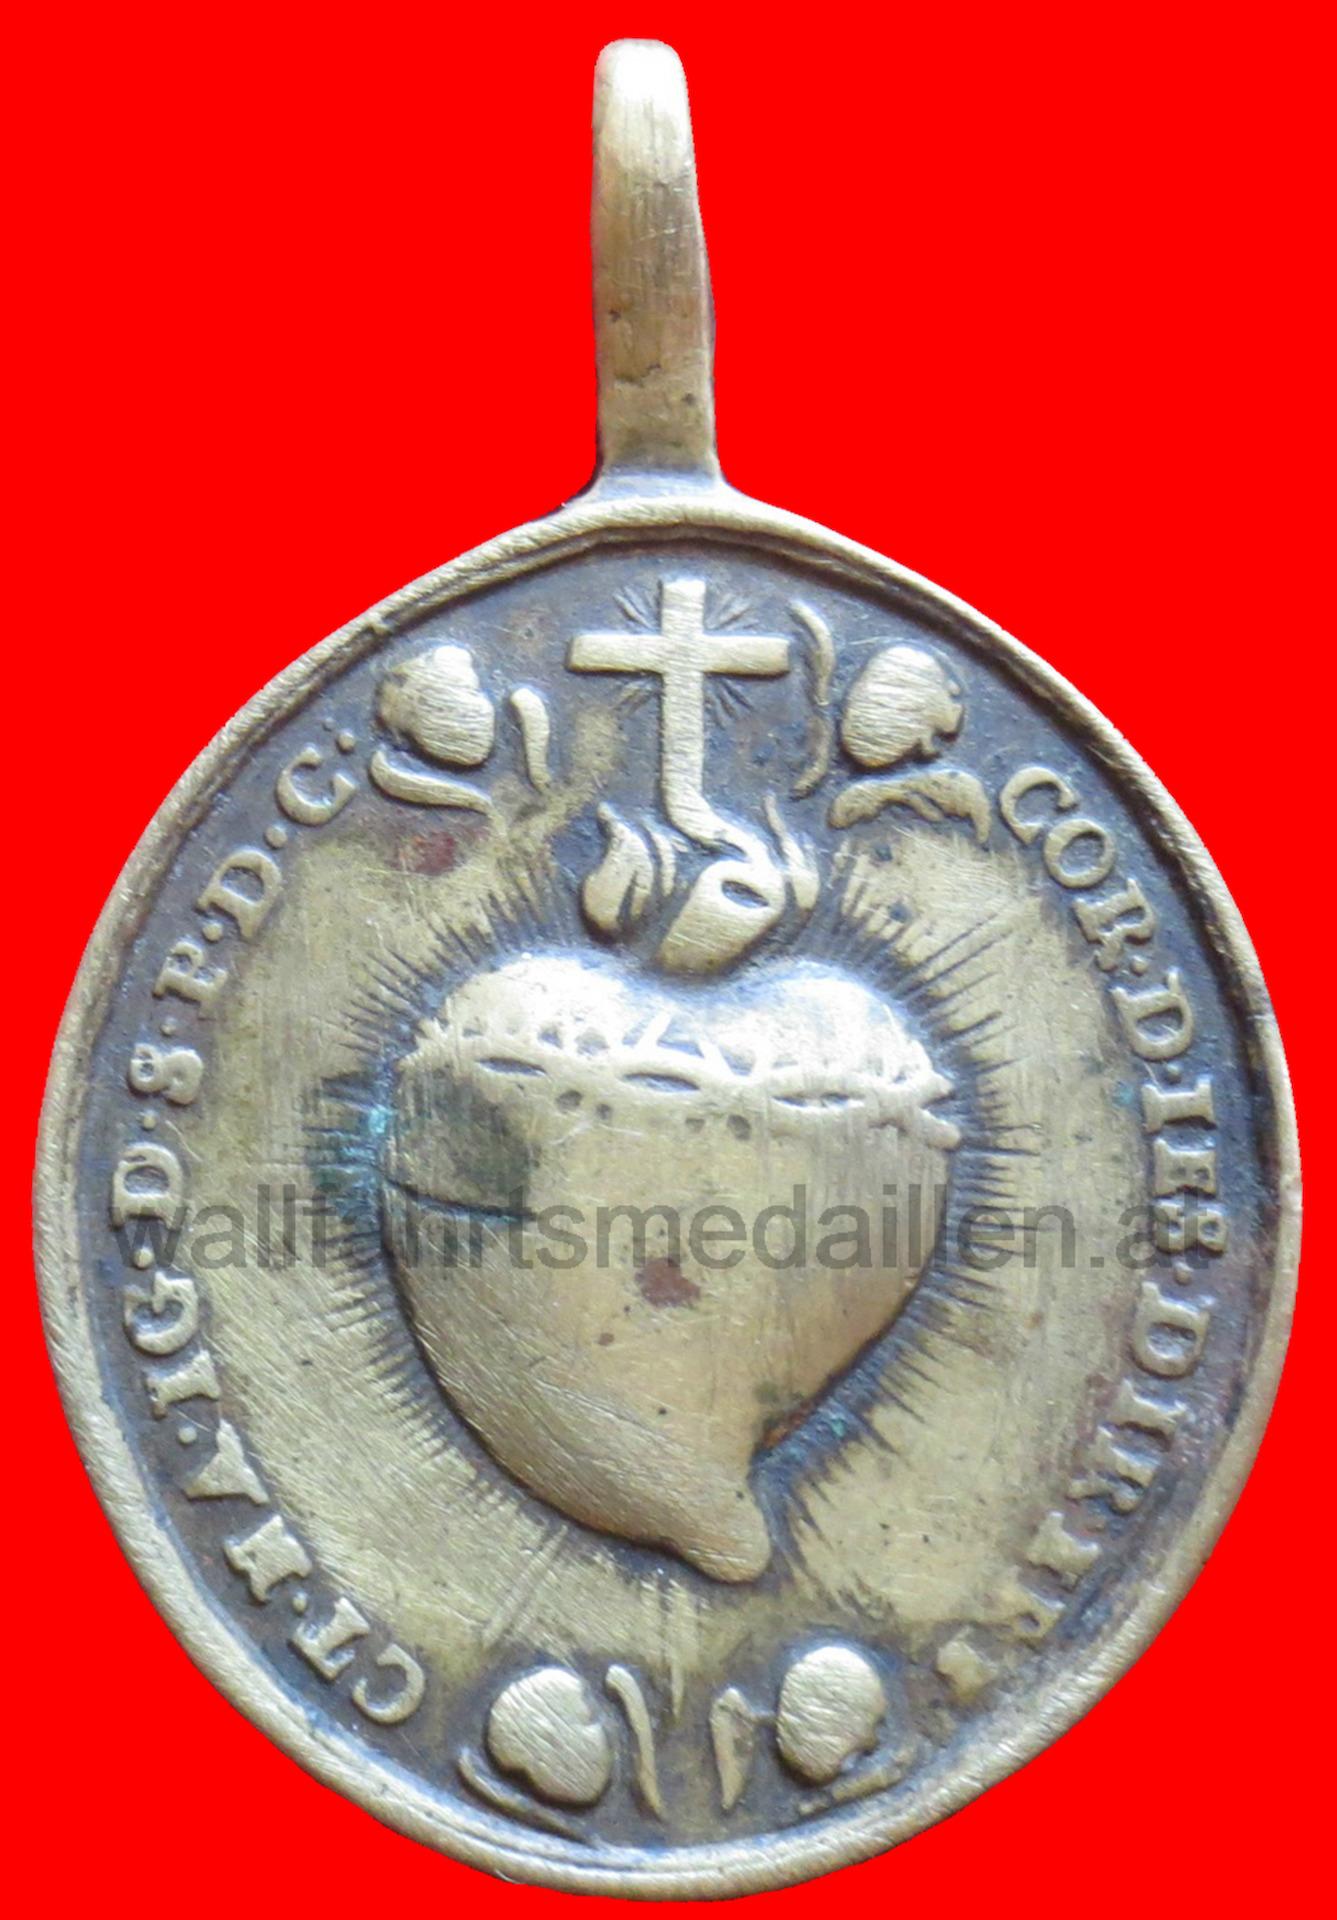 Das heiligste Herz Jesu